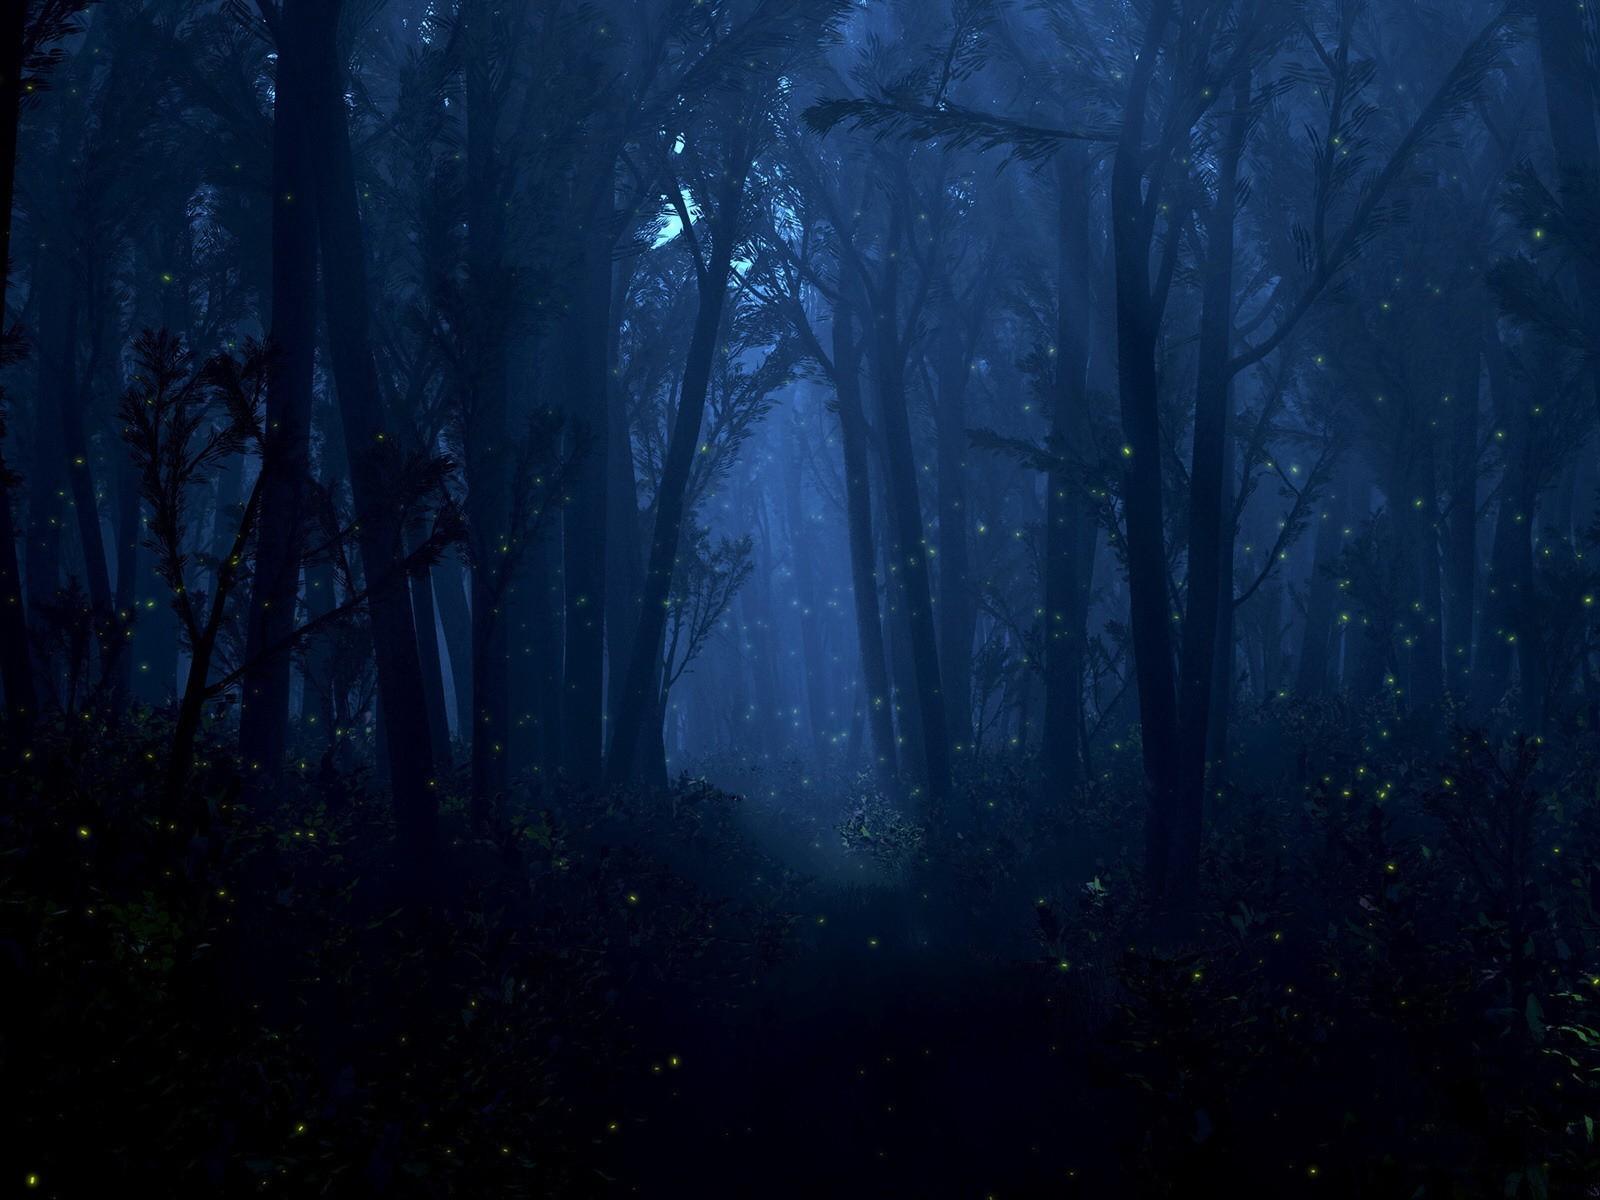 Обои Множество светлячков в темном лесу ночь, рисунки, 1680х1050